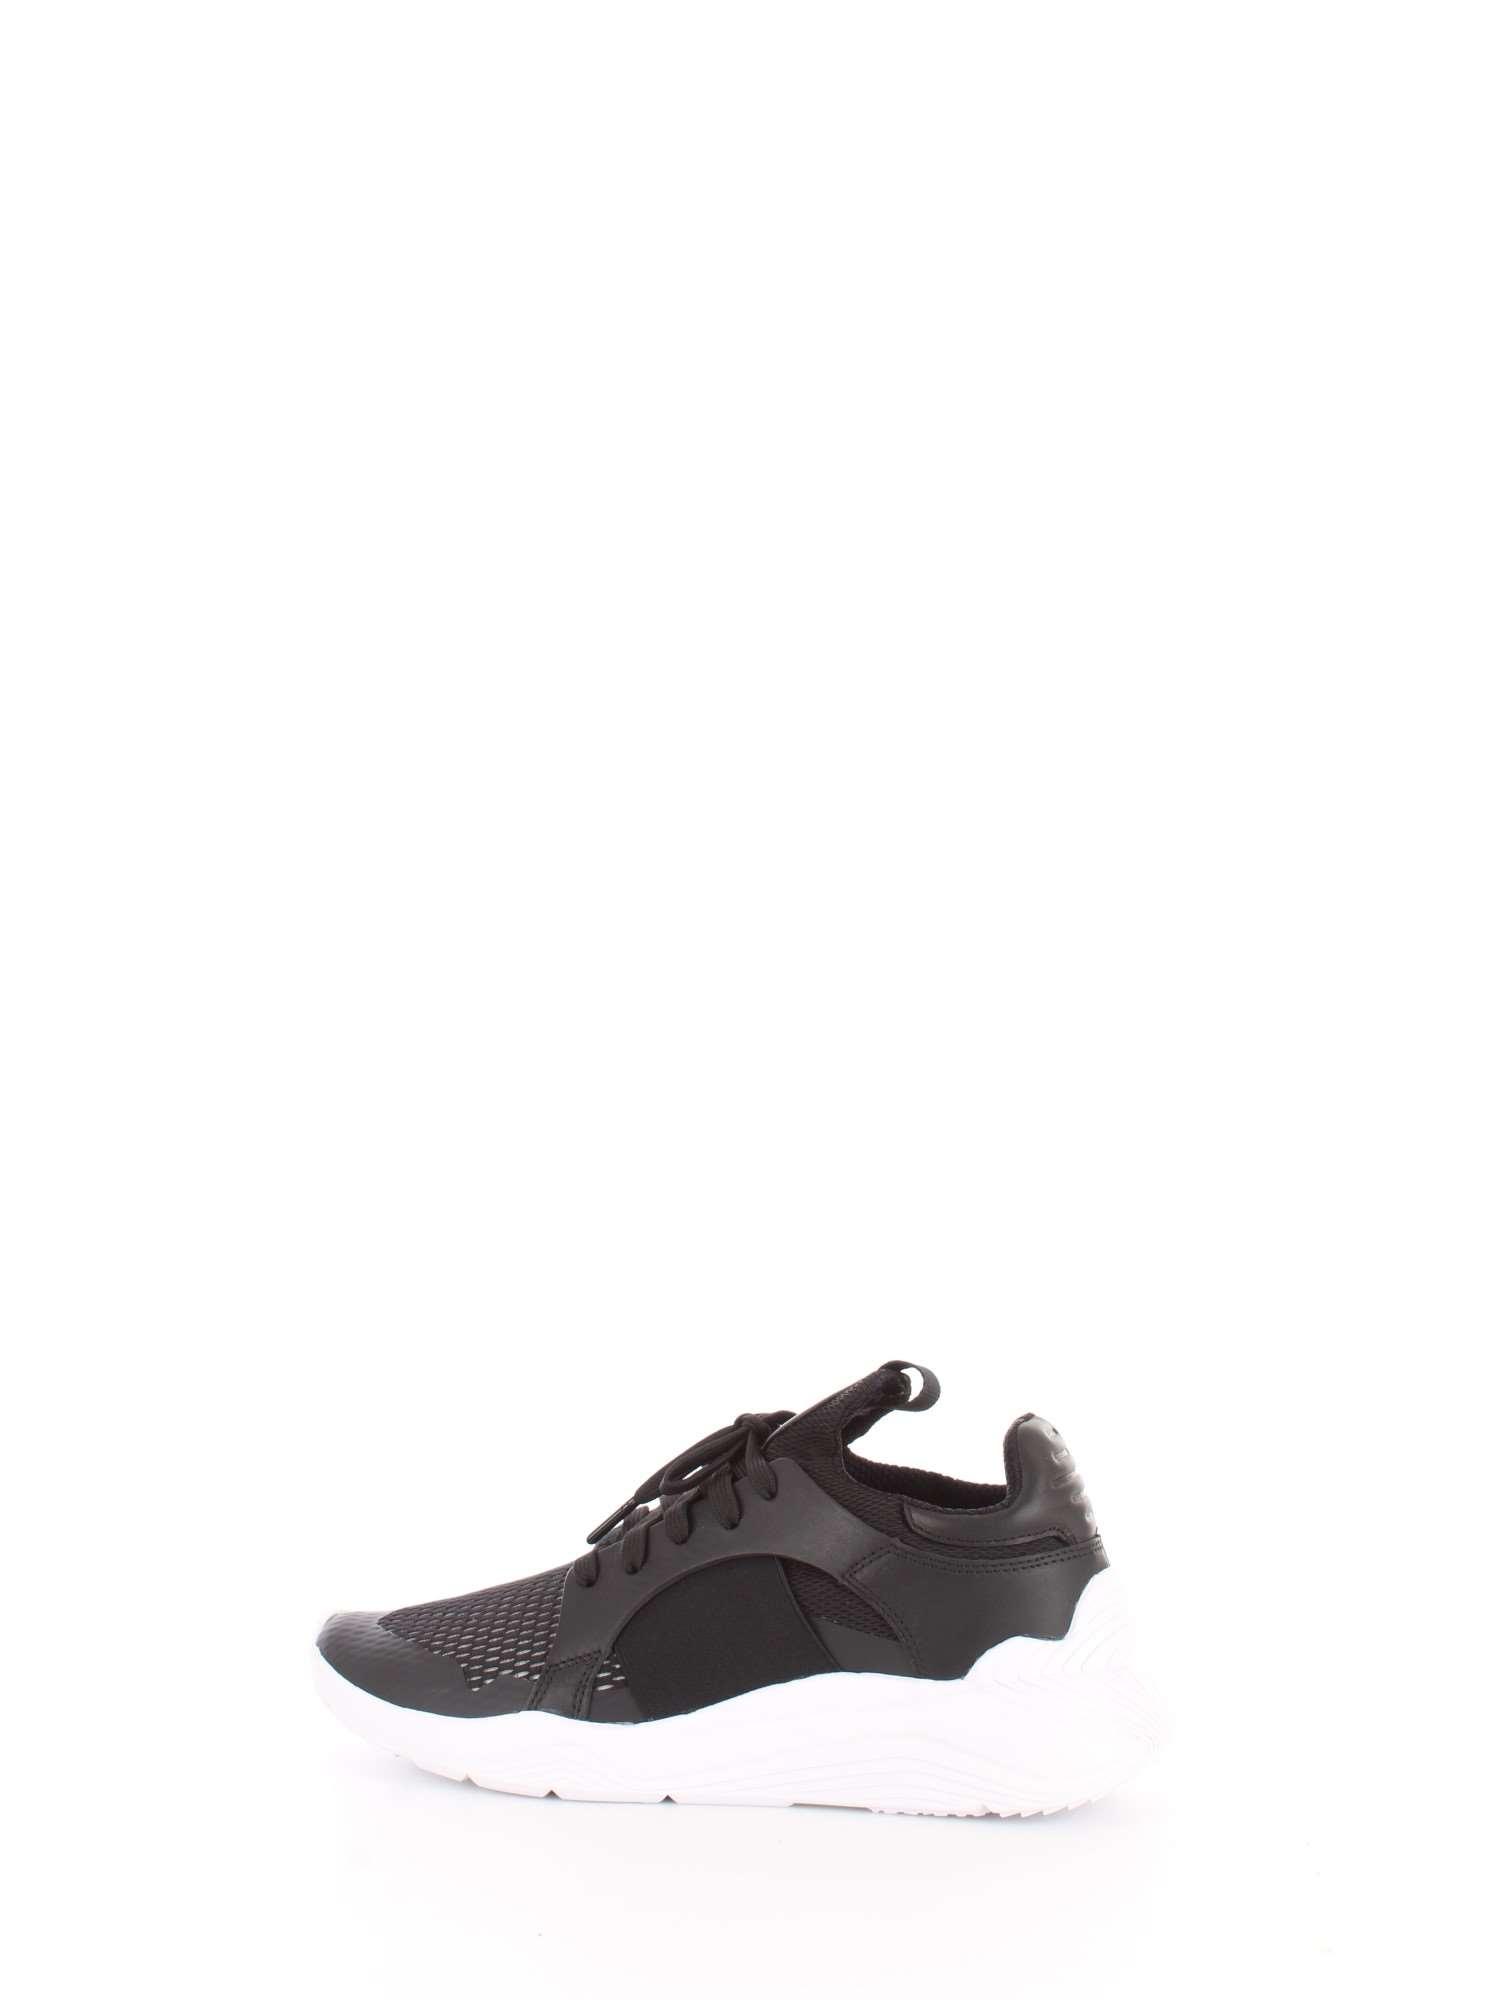 Designer  MCQ ALEXANDER MCQUEEN Articolo  544904 R2561 Colore  Nero-1006.  Materiale  pelle tela. Sneakers McQ Gishiki Low nere in pelle dettagli in  tessuto 5b0ad1196f5